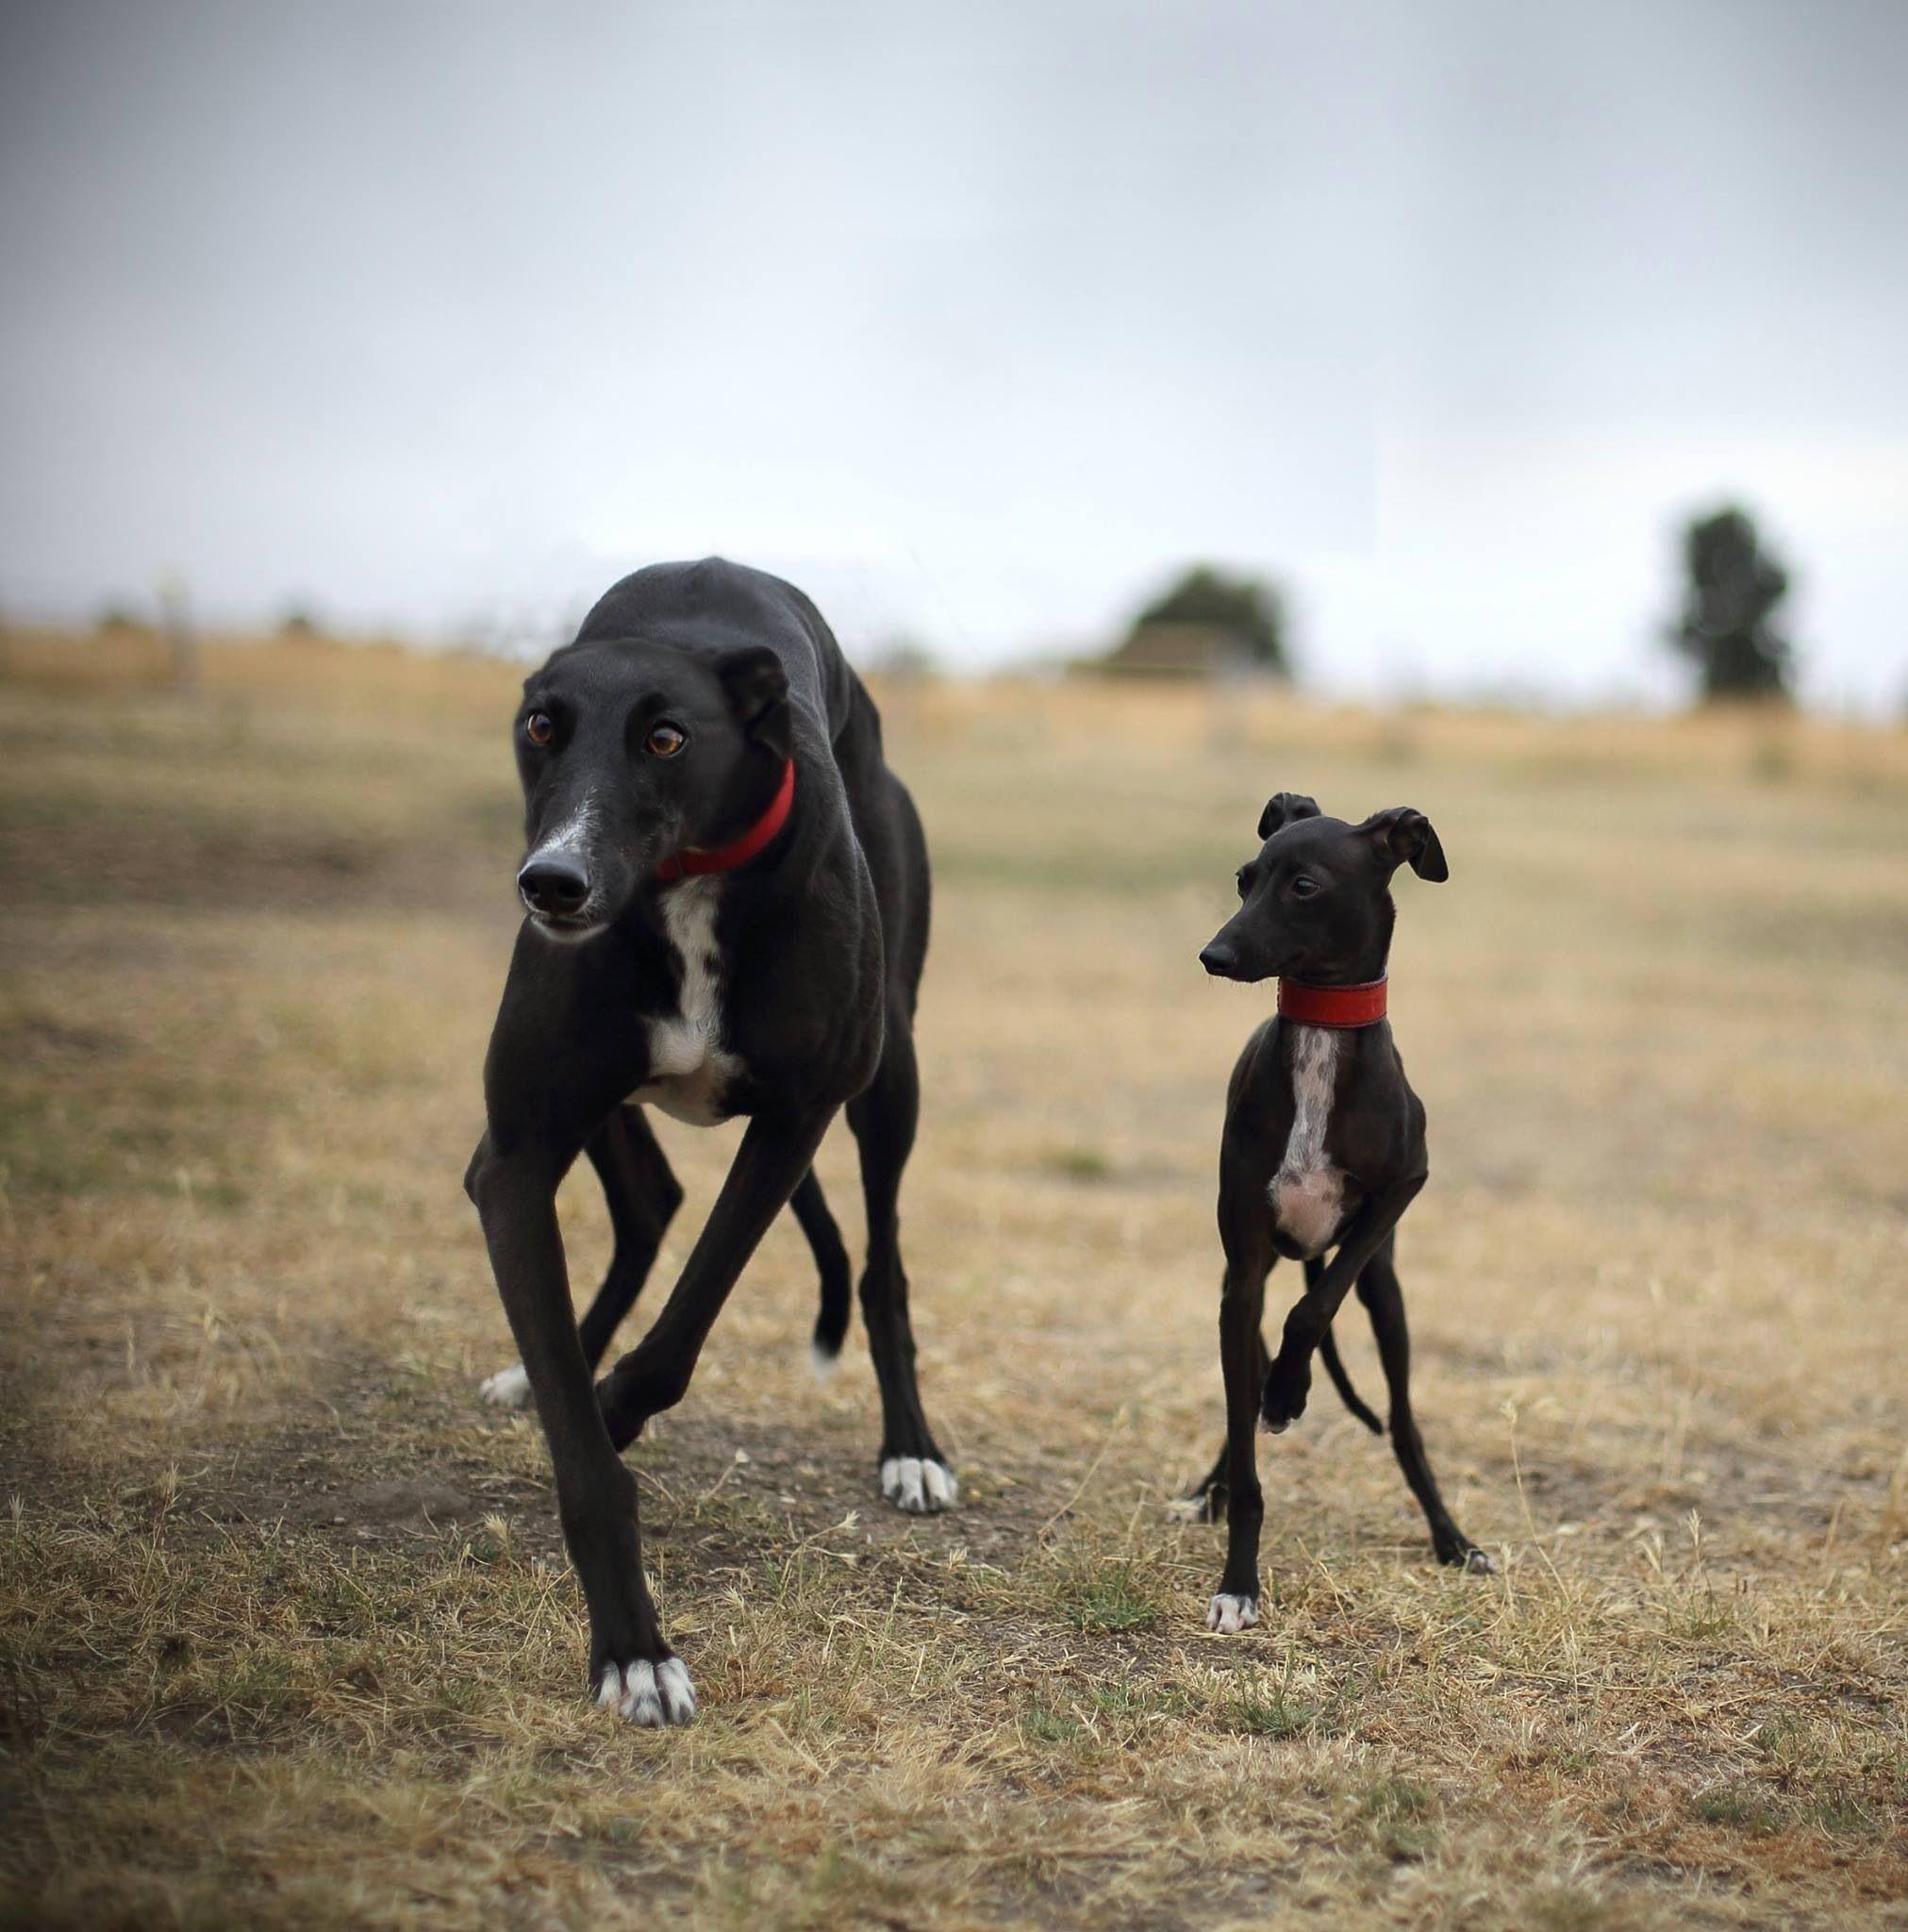 Linda Meerman S Photo Of Her Italian Greyhound Neko With Greyhound